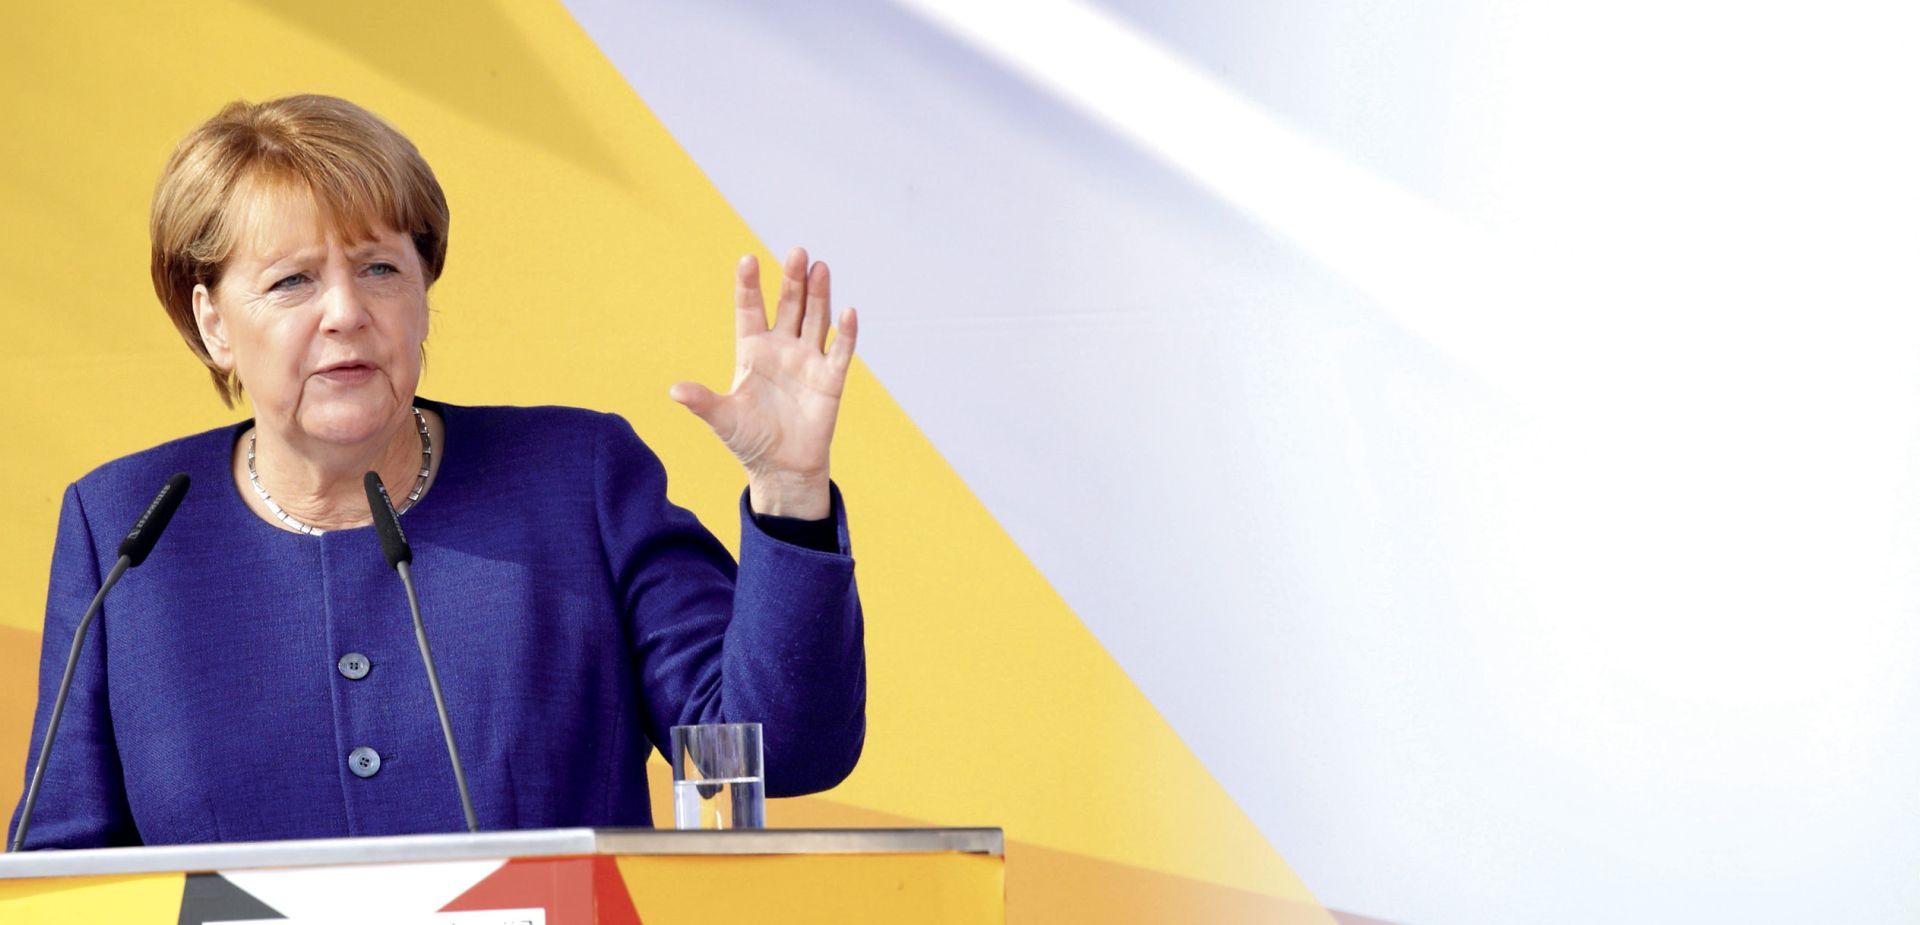 Gospodarski rast i čvrst stav prema Putinu za novi mandat Angele Merkel